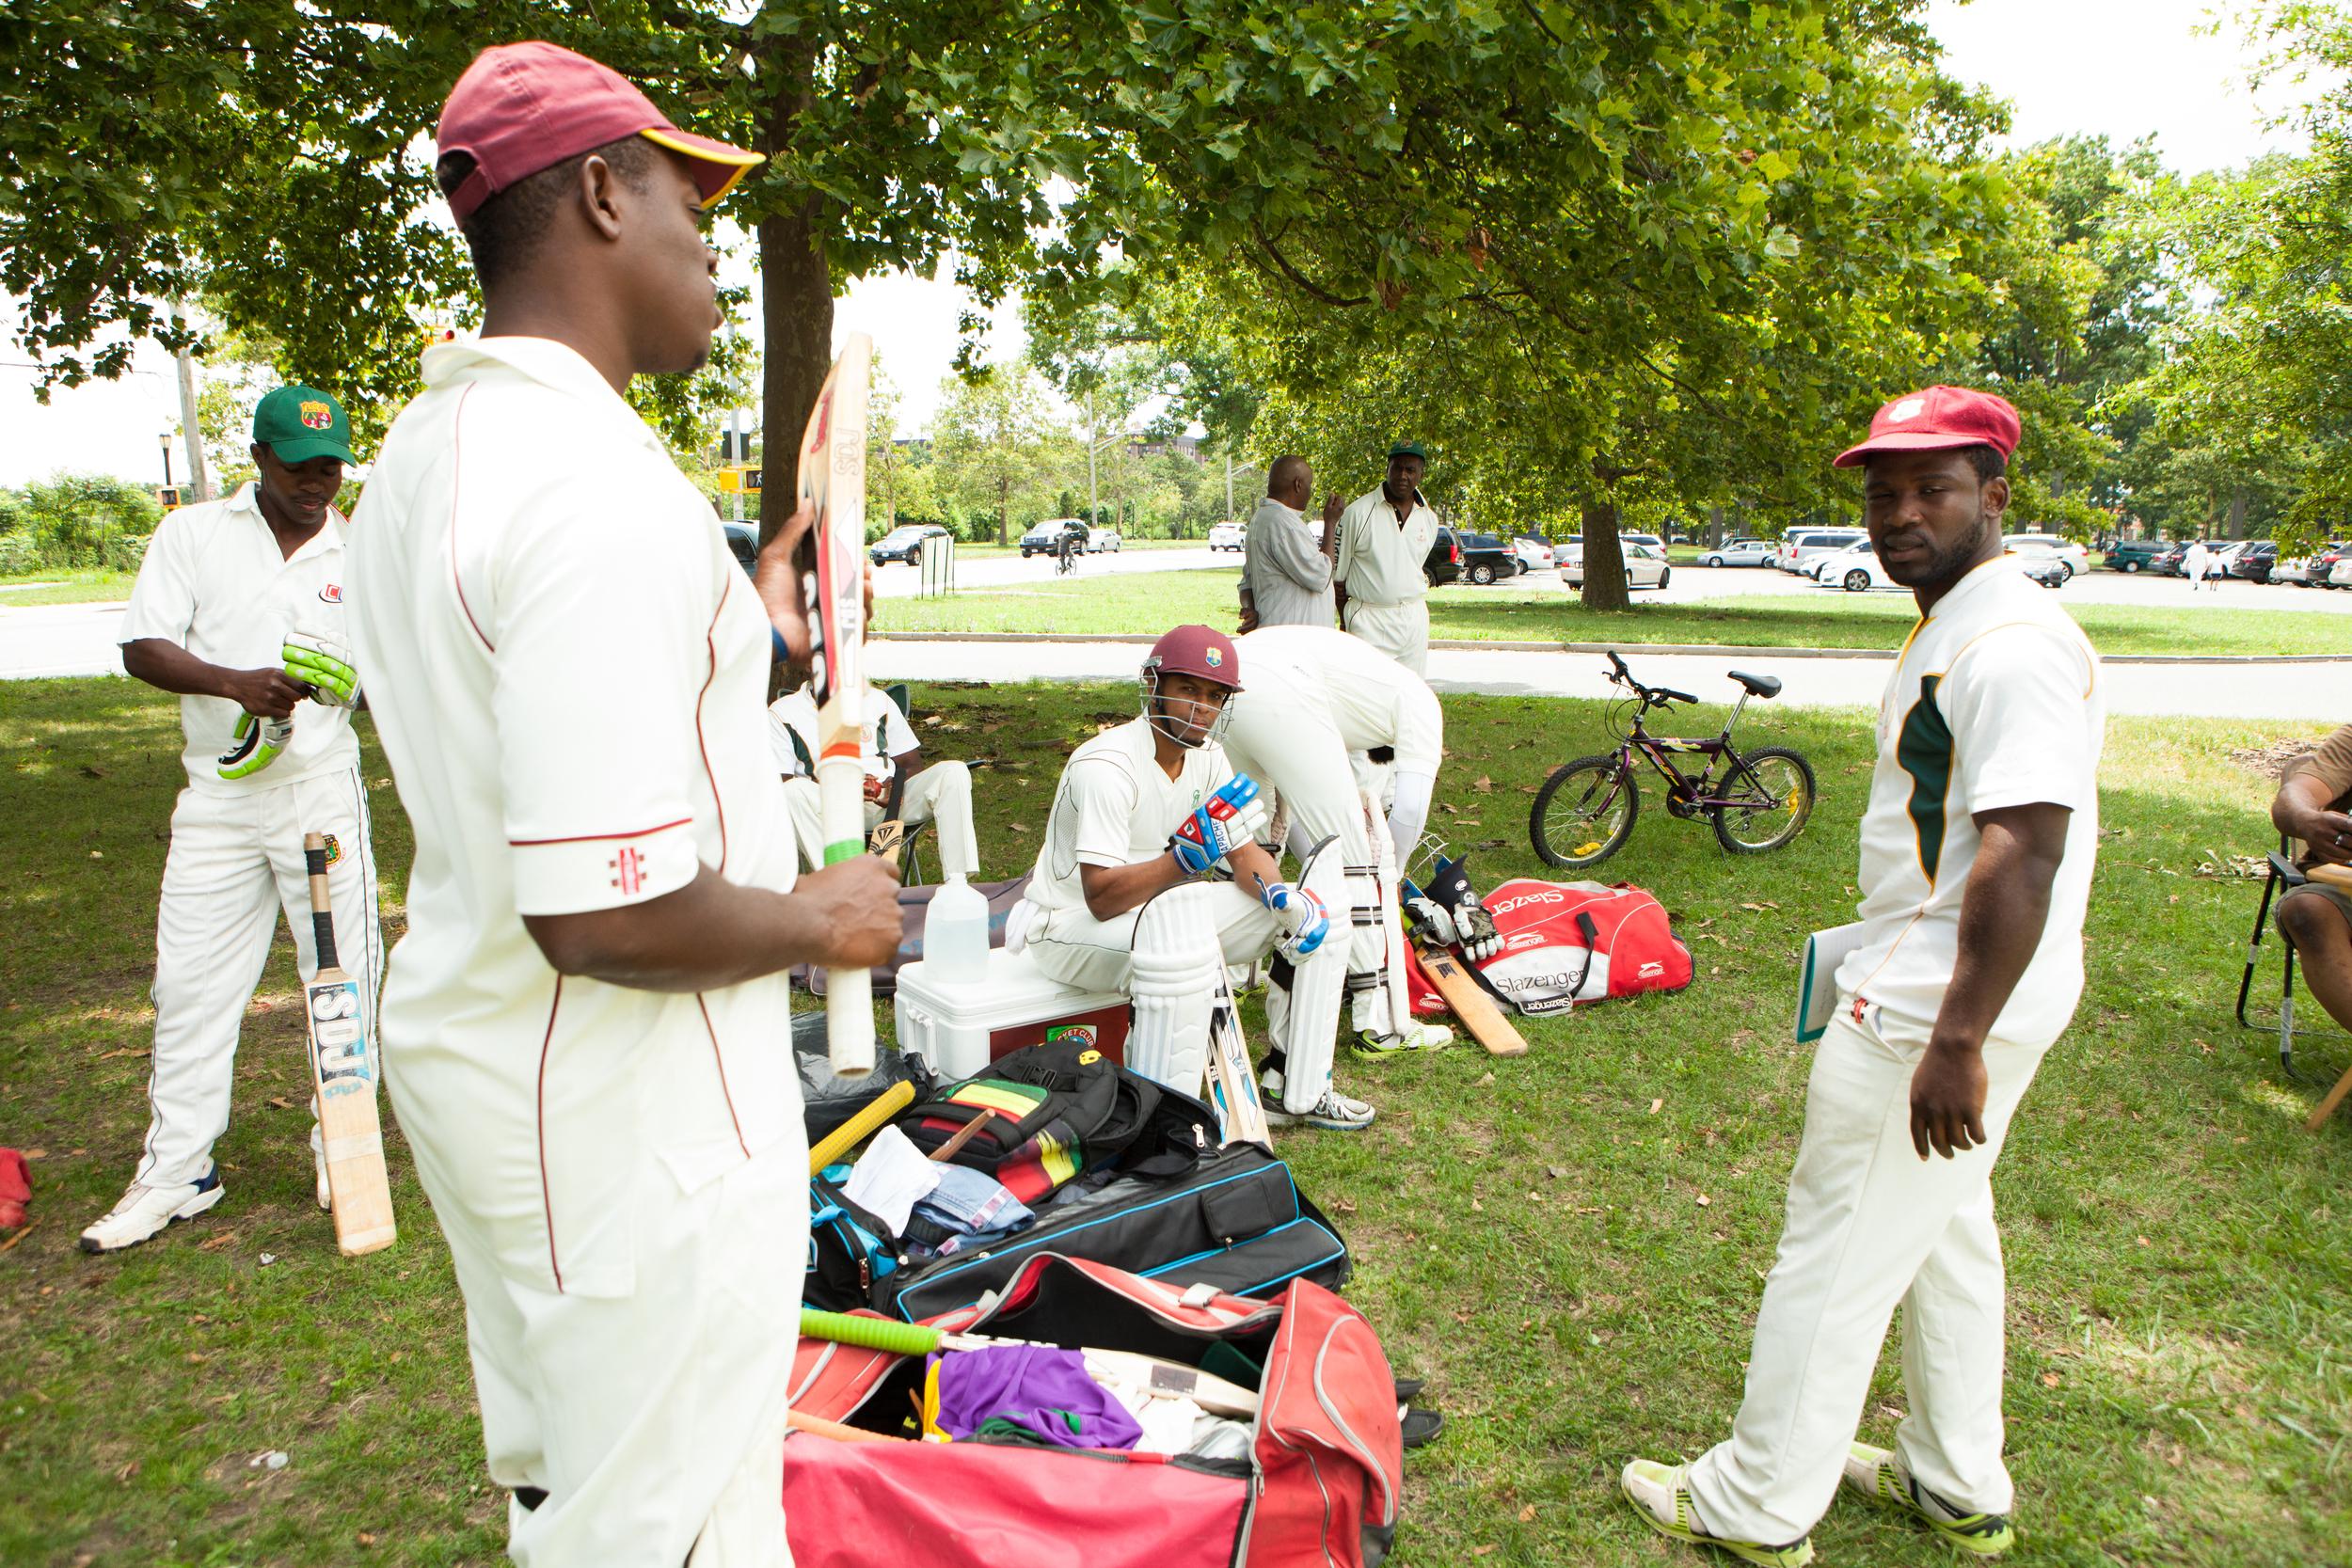 BKLYNR-Cricket-JasonBergman-001.jpg